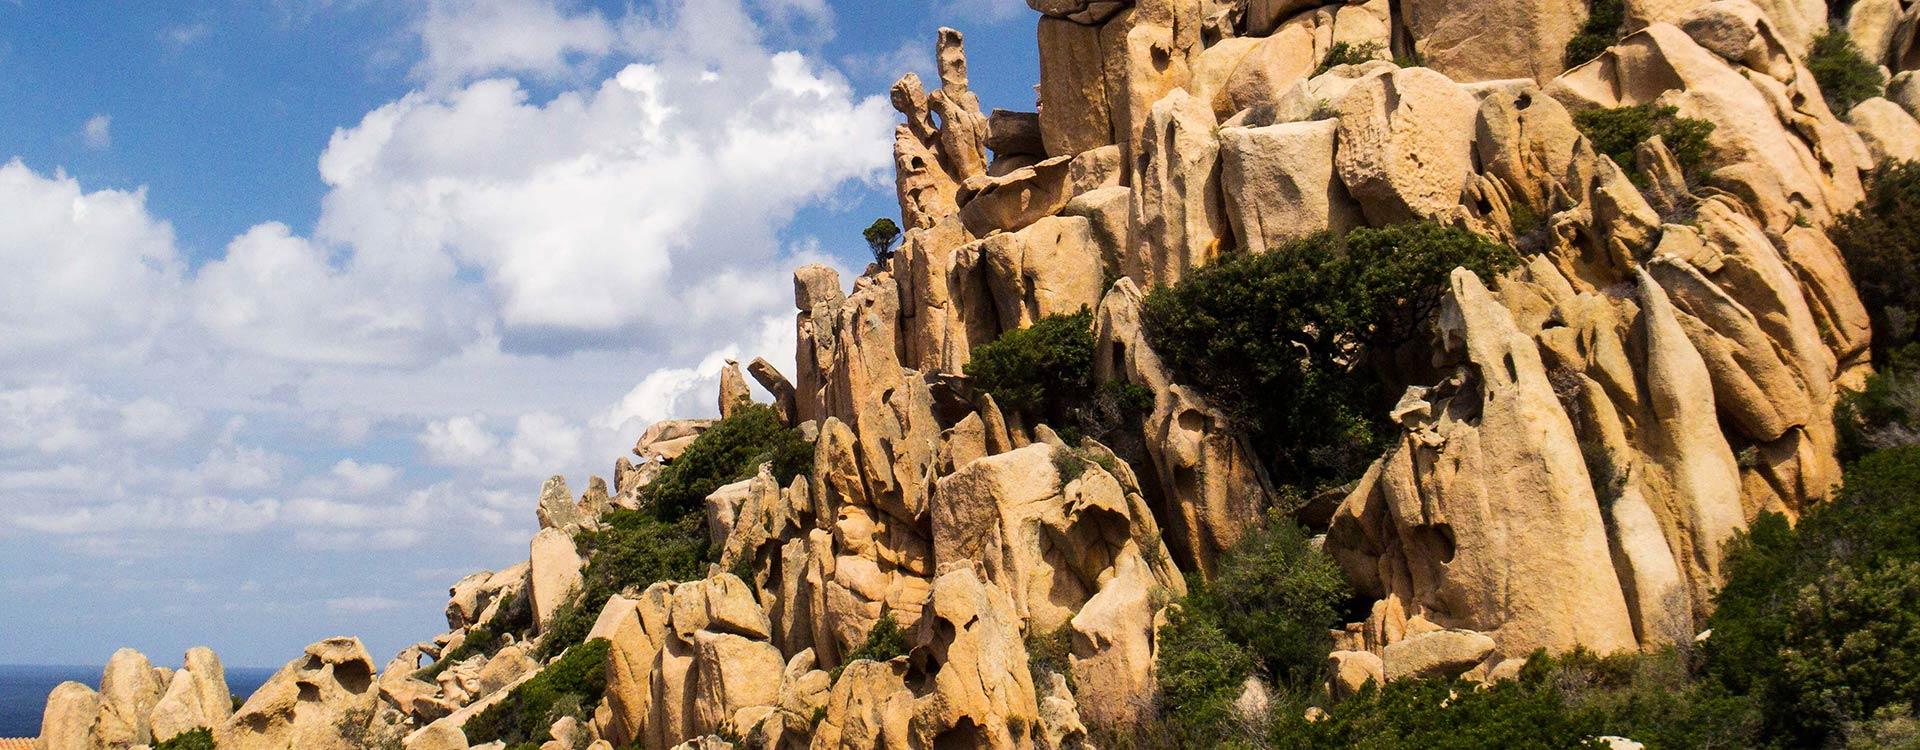 Costa Paradiso Sardegna Cartina Geografica.Costa Paradiso Sardegna Informazioni Per Le Vostre Vacanze Fotografie Appartamenti Spiagge Itinerari